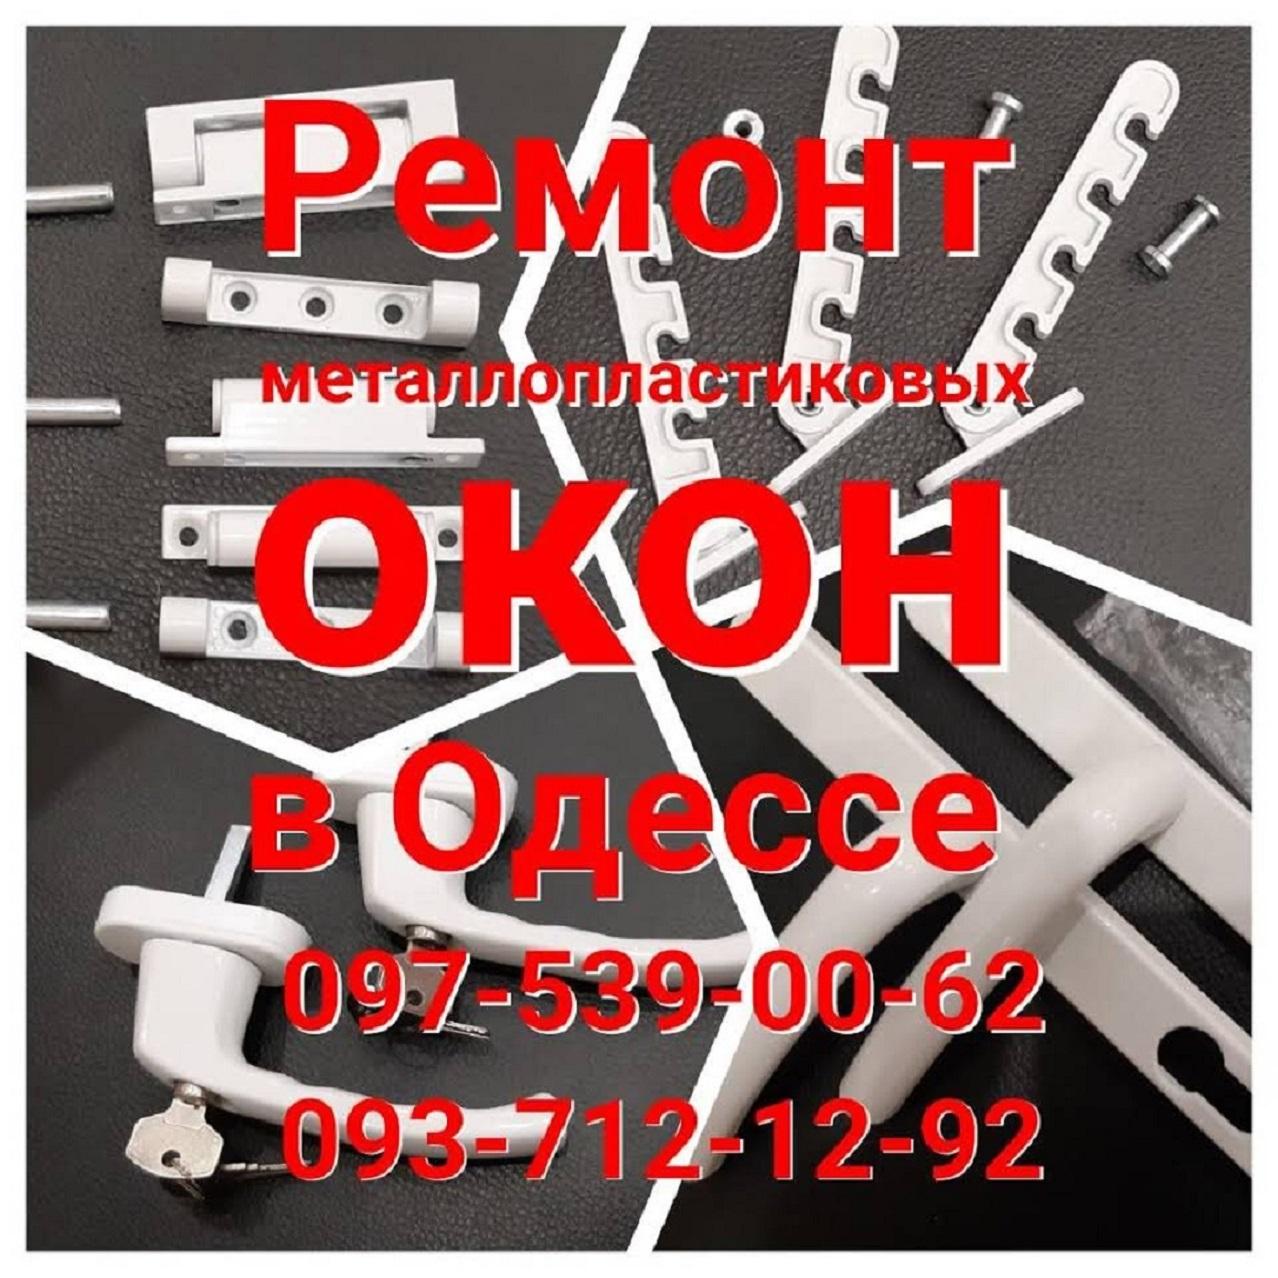 Ремонт металлопластиковых окон по низким ценам Одесса.